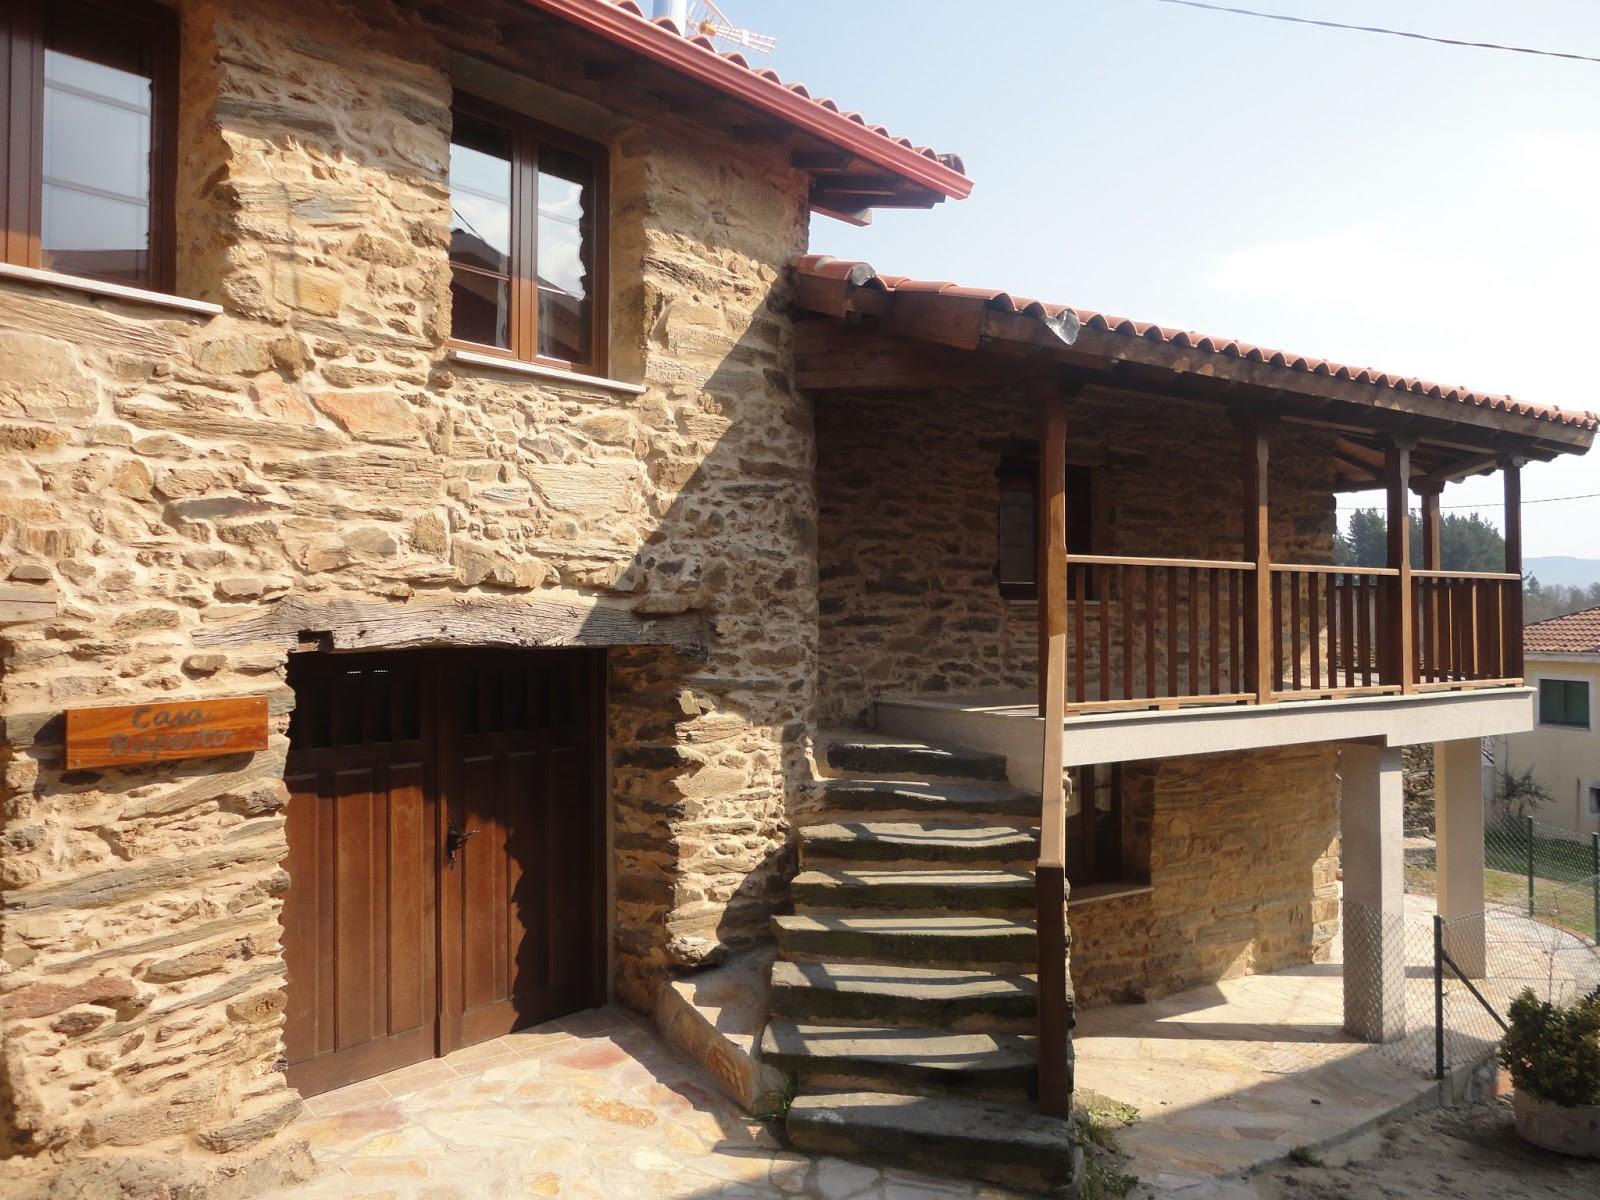 Casa hause casa ruperto doade - Casas rurales madera ...